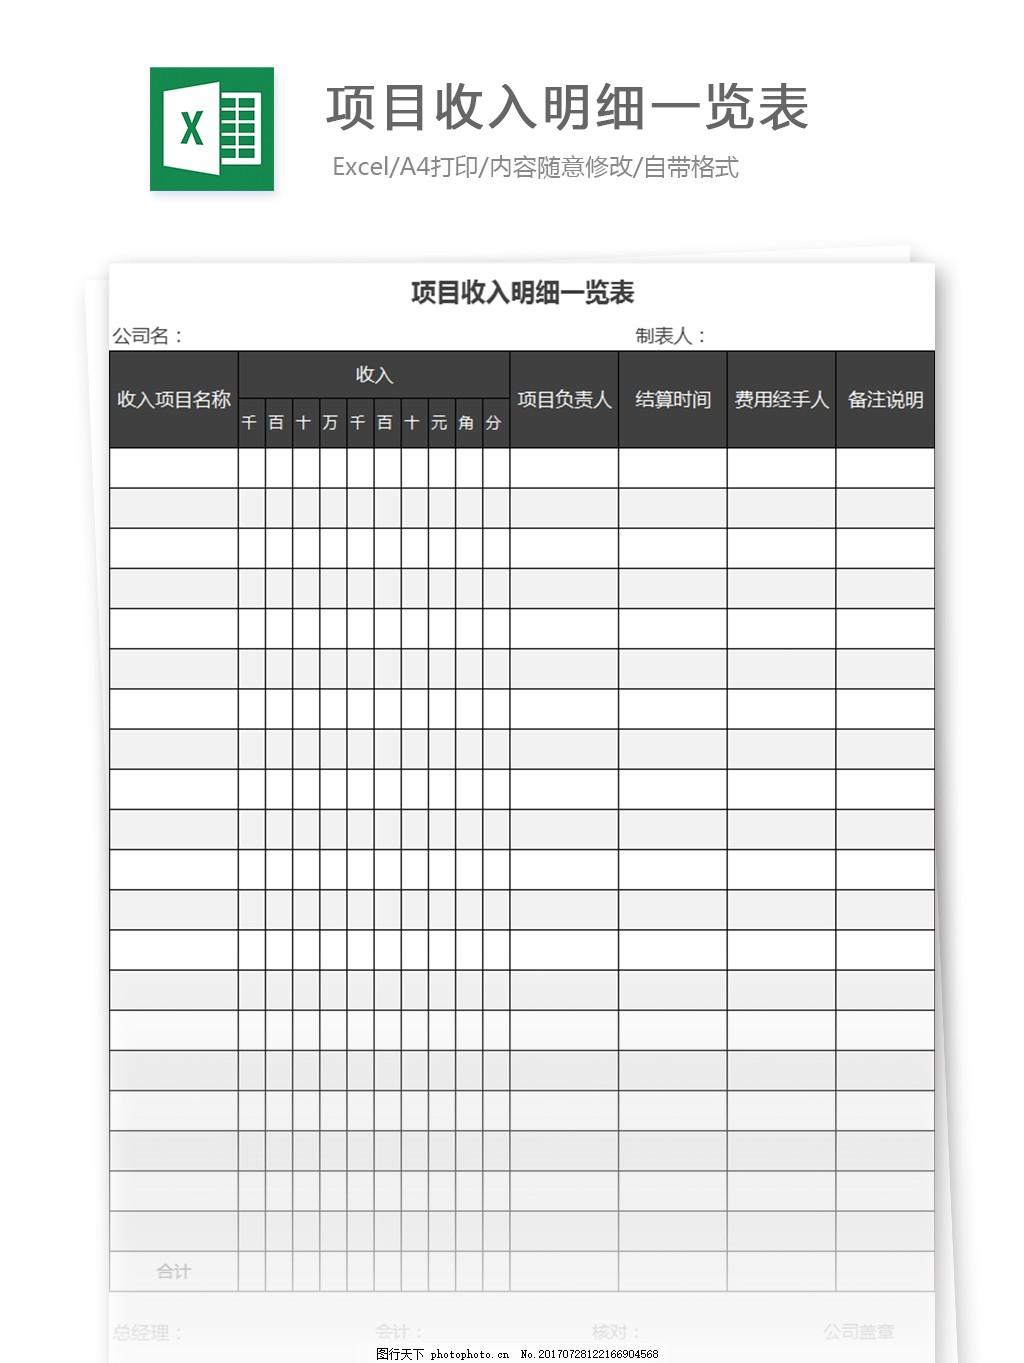 项目收入明细一览表excel表格模板,图表,表格设计,统计,报表,员工,客户